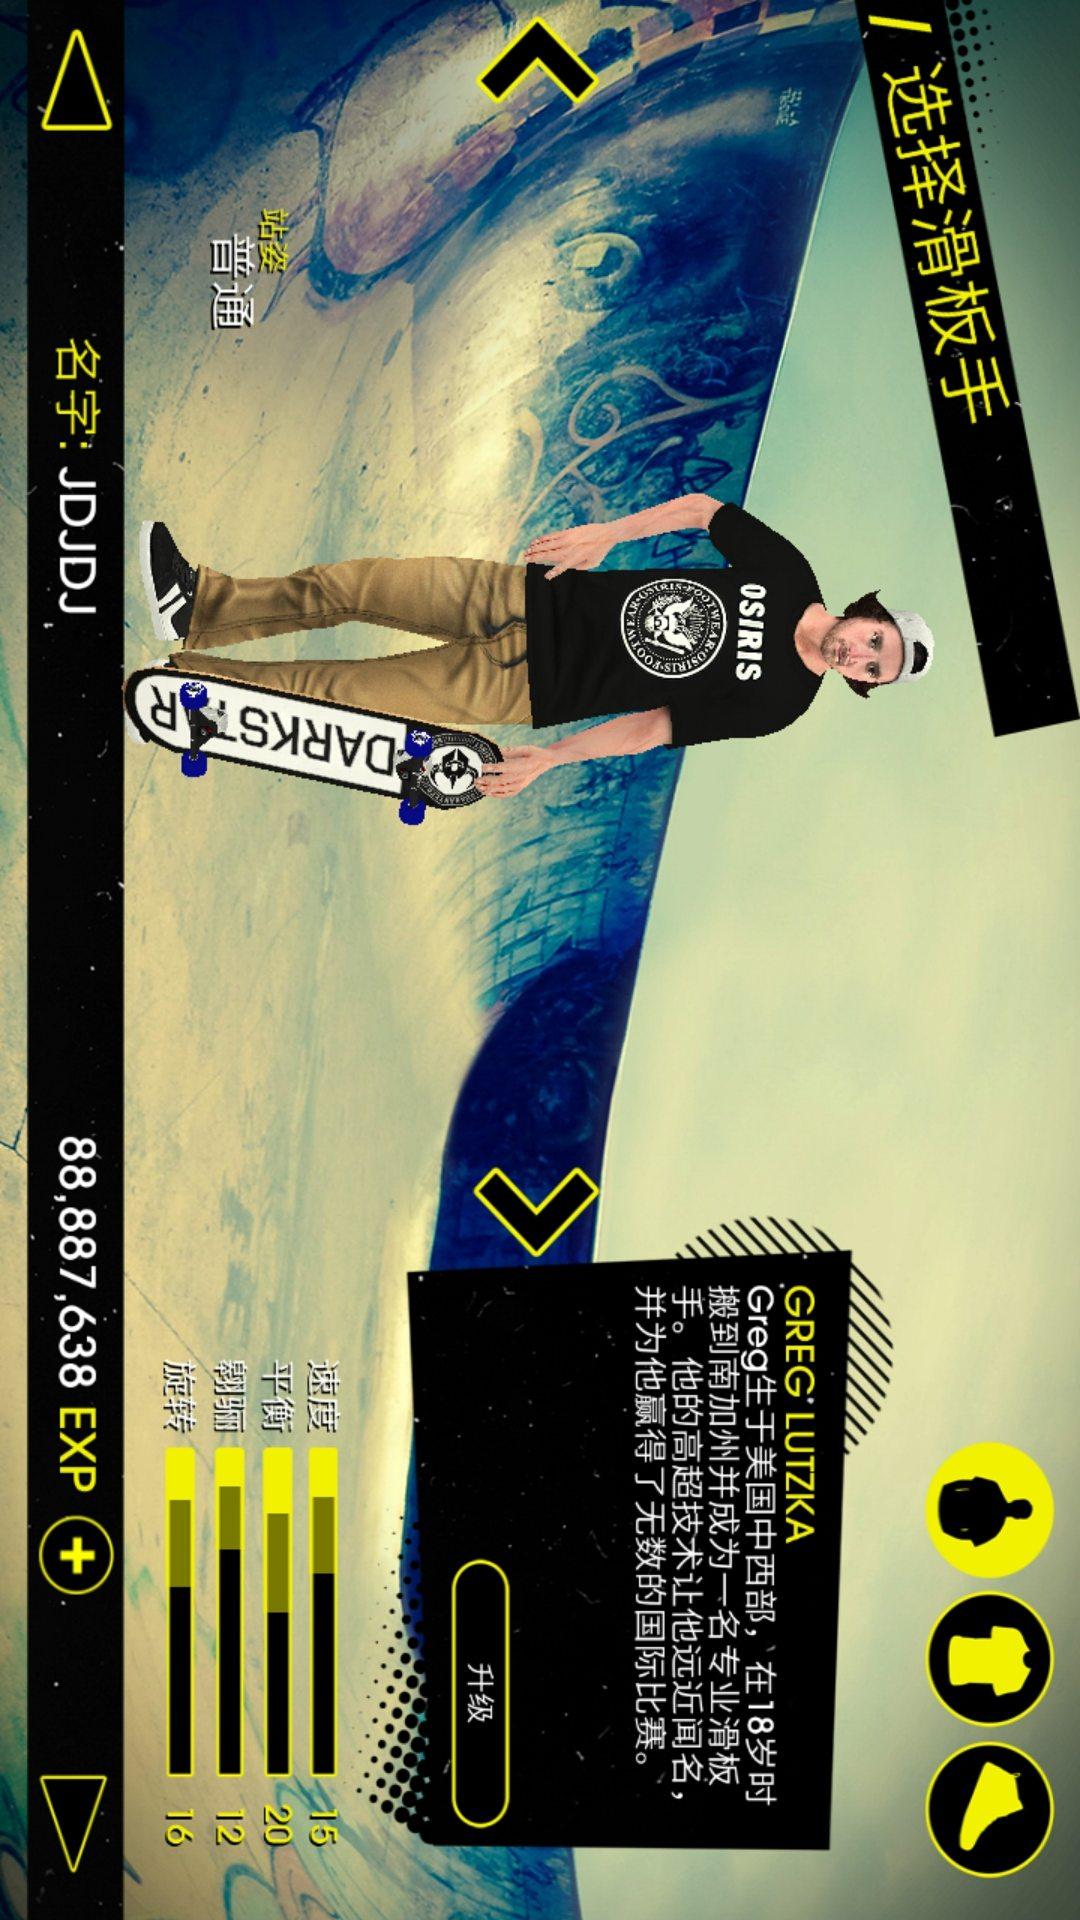 滑板派对3宣传图片